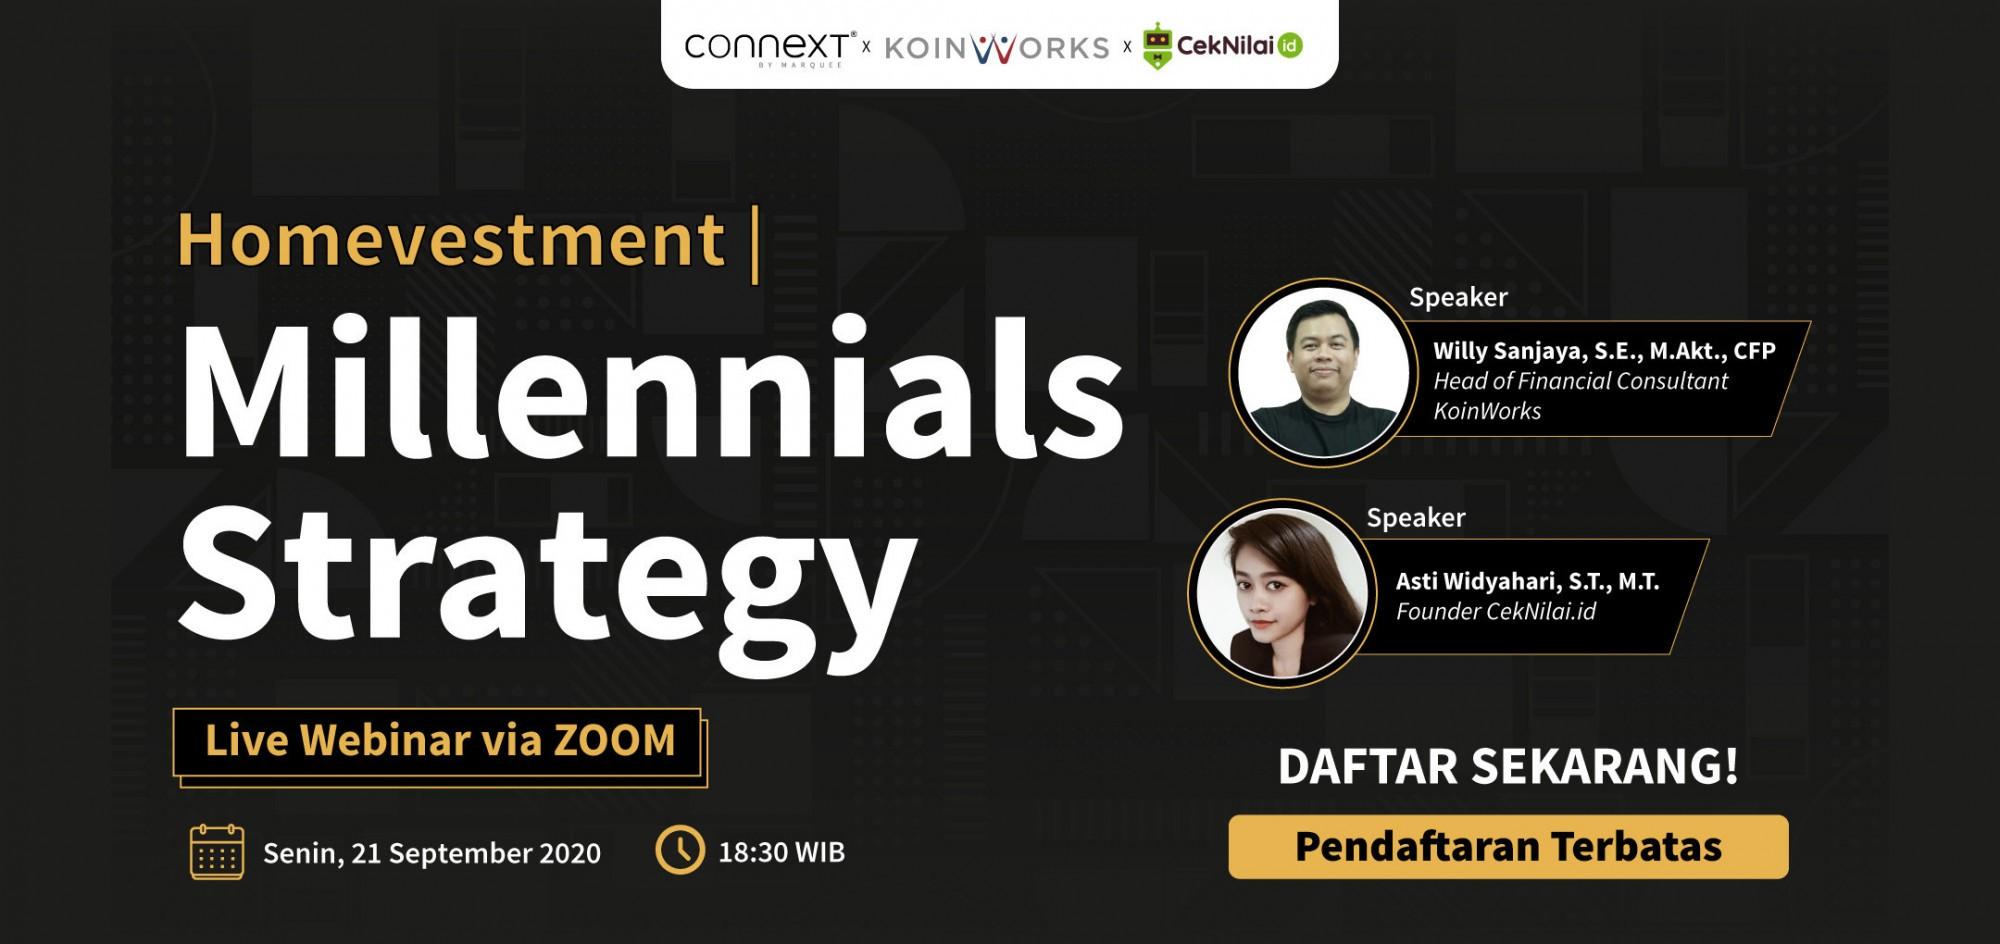 Homevestment | Millennials Strategy